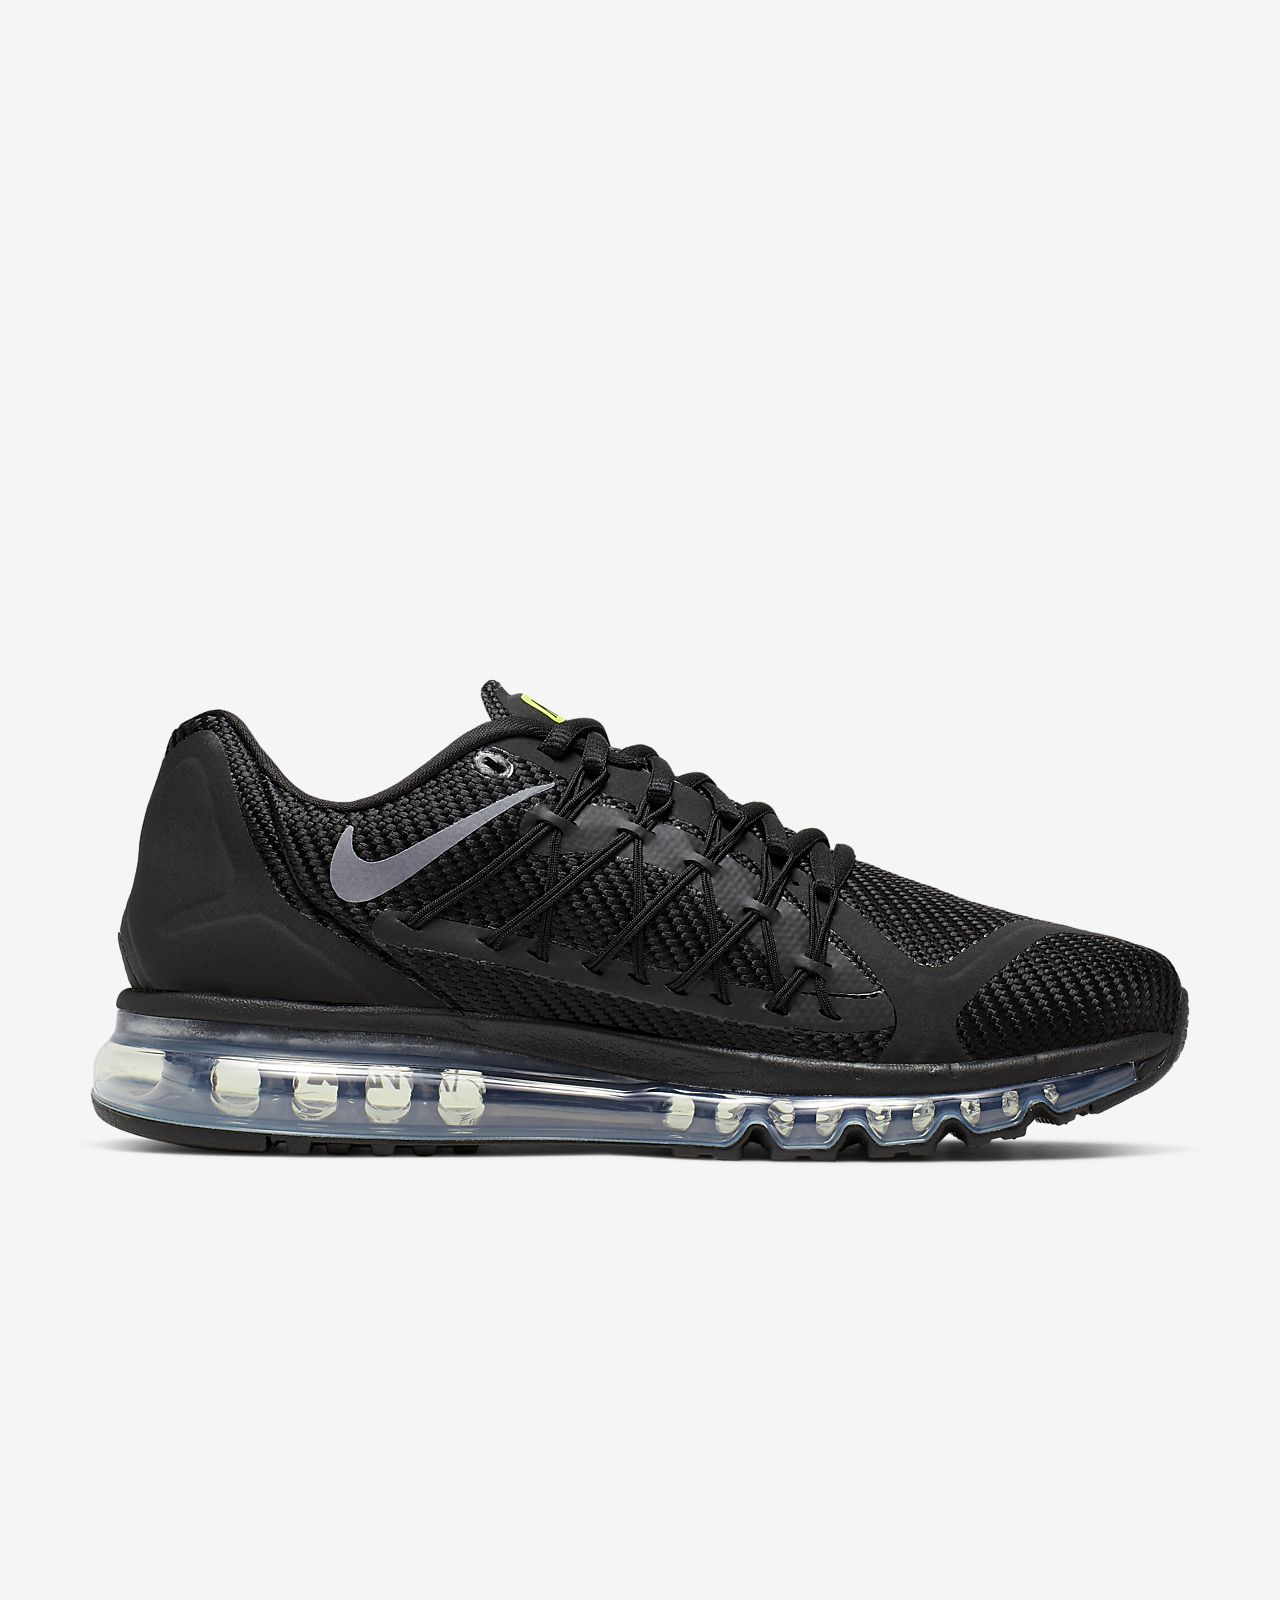 acheter populaire 01022 d5b2e Nike Air Max 2015 Men's Shoe